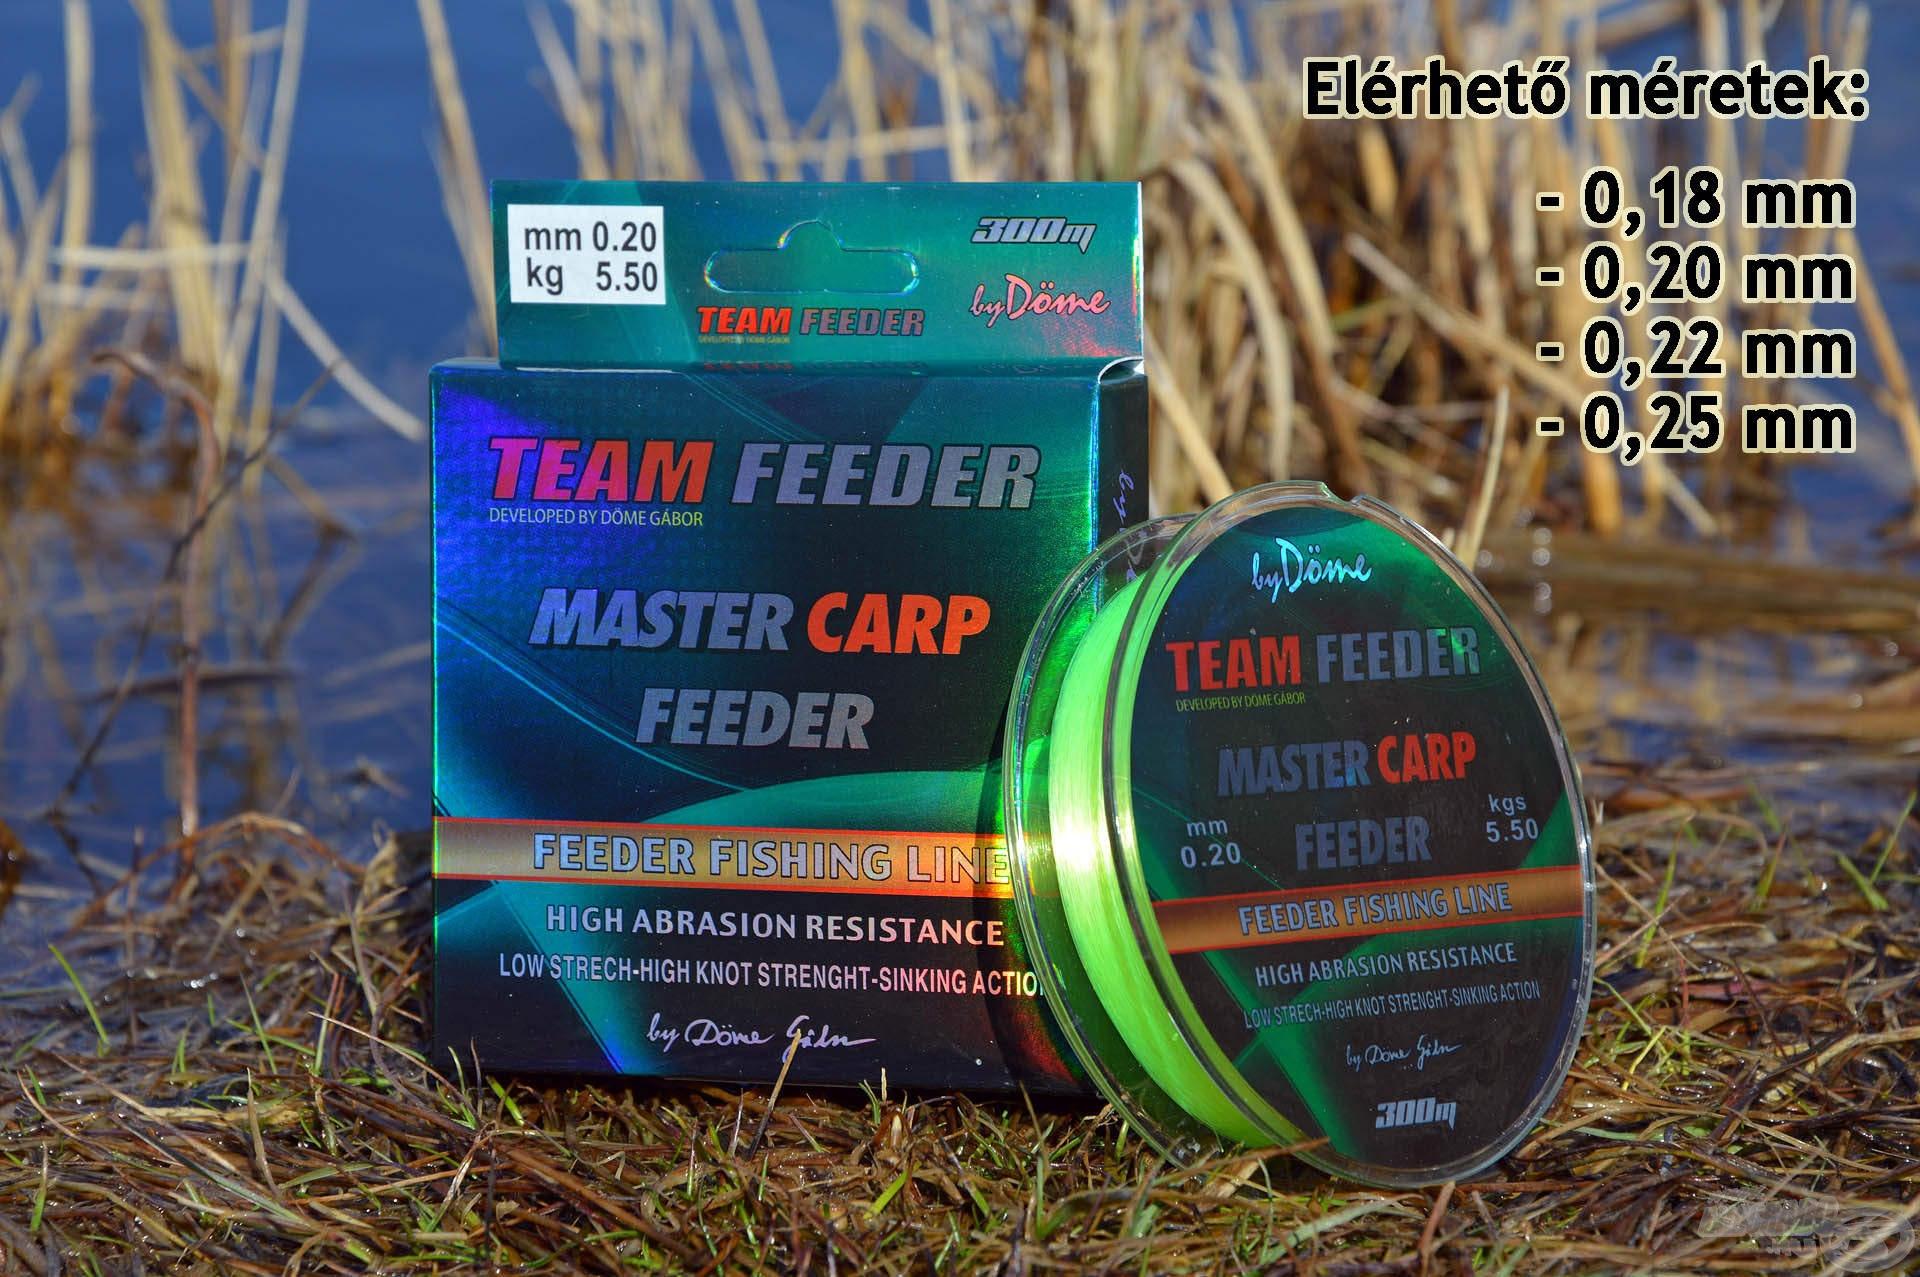 A Master Carp zsinór legfontosabb tulajdonságai a kiemelkedő strapabíróság és az élénk, fényes, fluo sárga szín